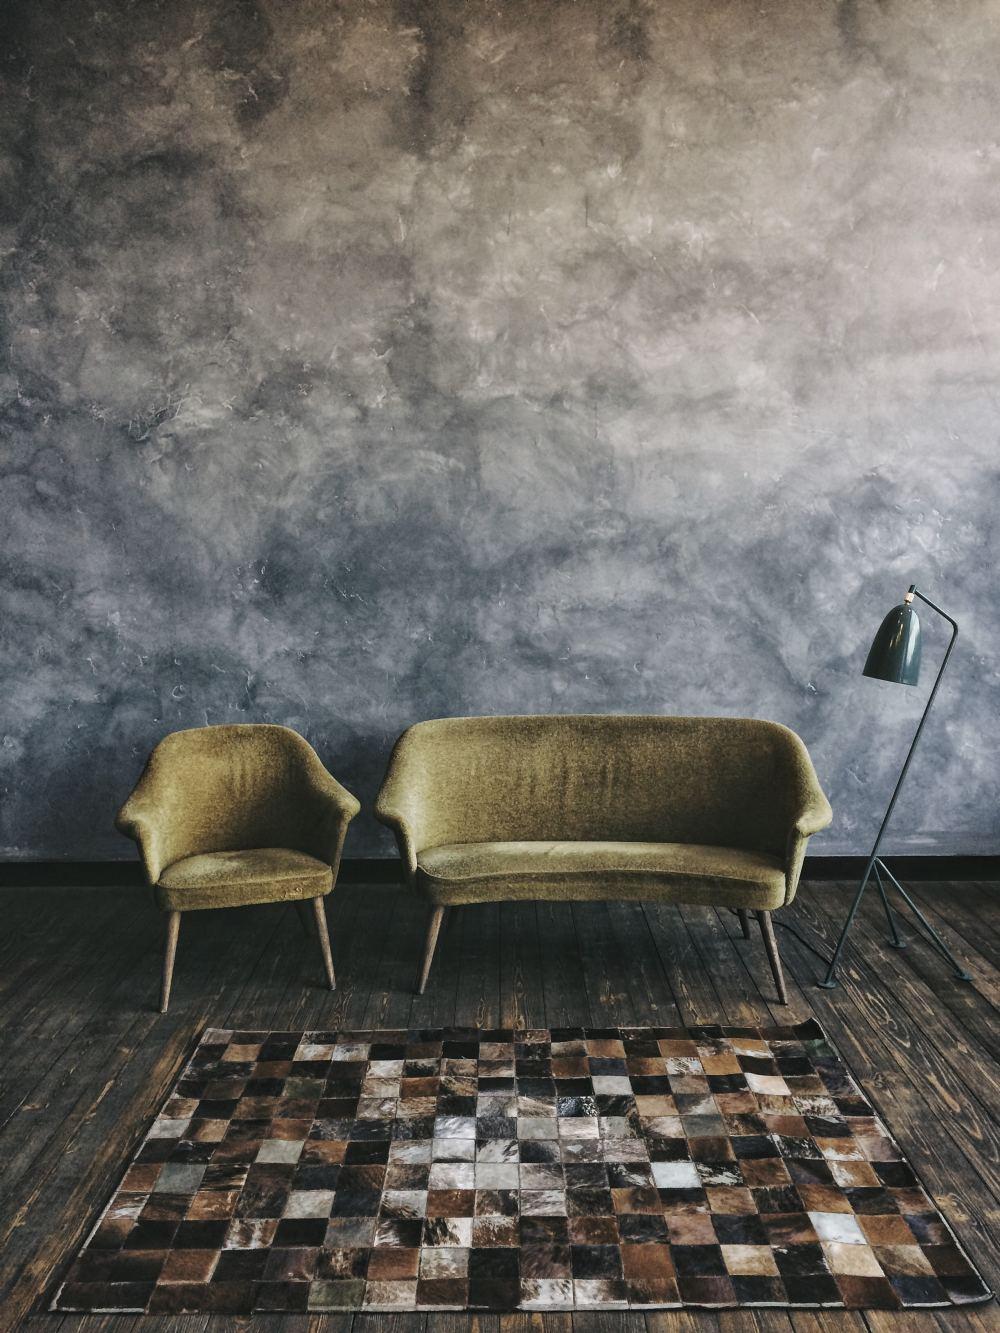 структурная штукатурка в домашних условиях, декоративная штукатурка в домашних условиях, как отделать стены декоративной штукатуркой